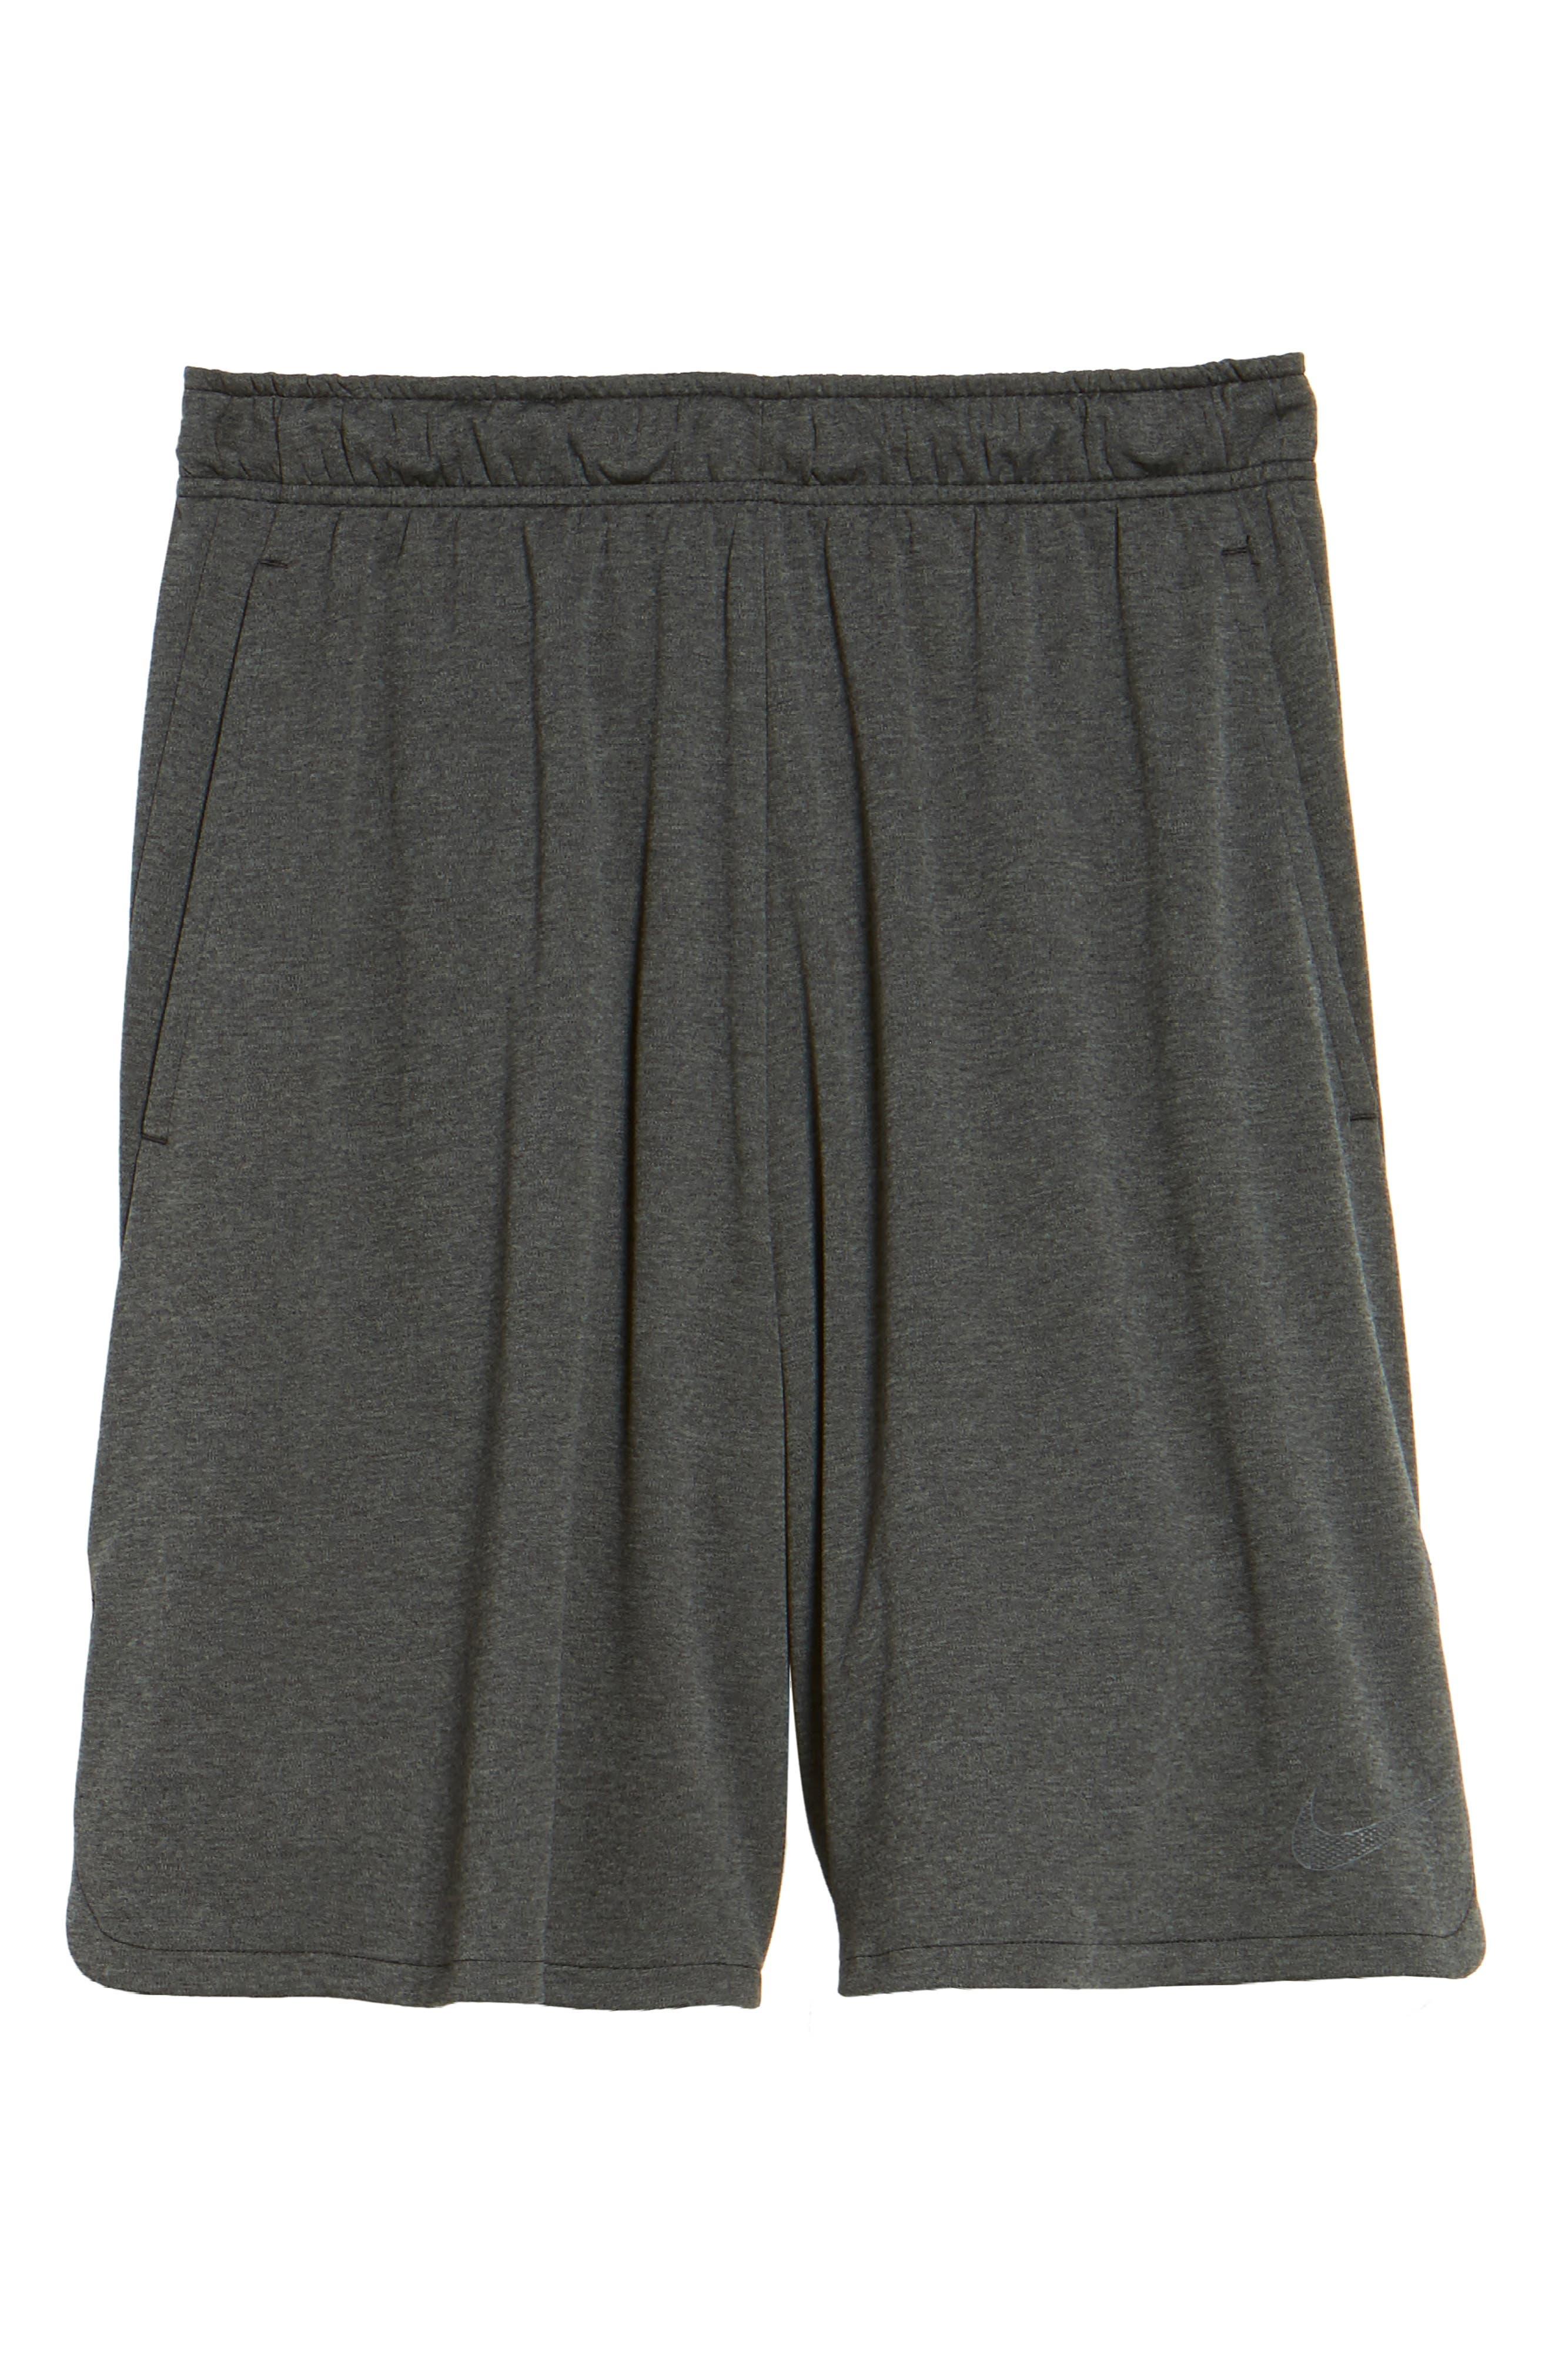 Dry Training Shorts,                             Alternate thumbnail 6, color,                             BLACK